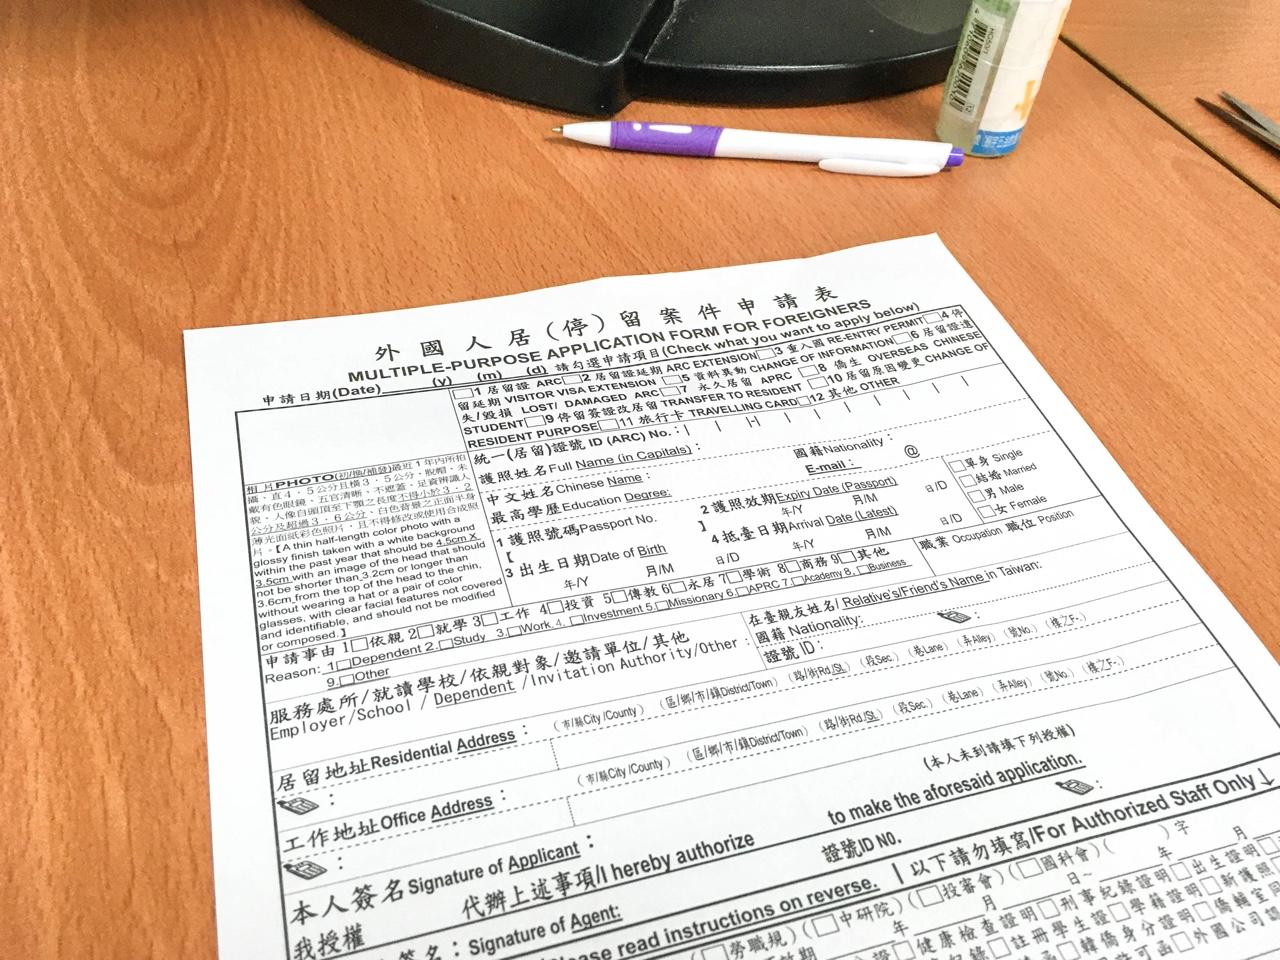 外國人居(停)留案件申請表